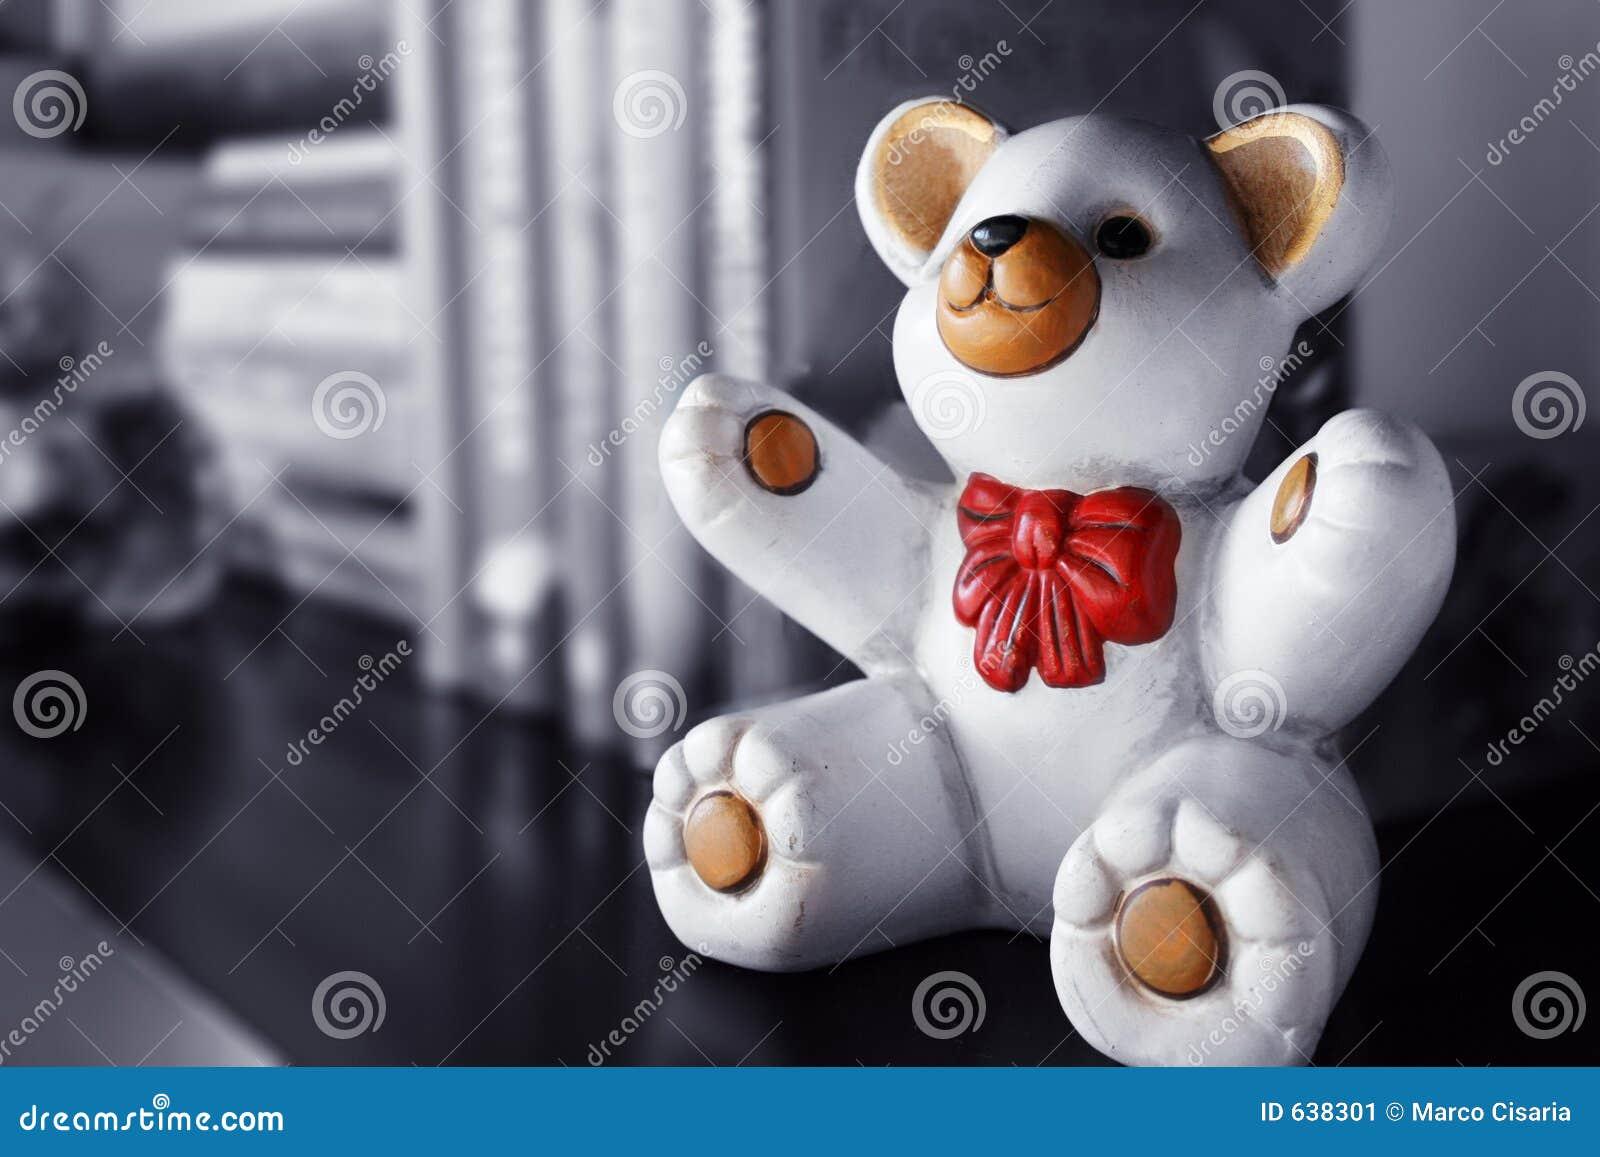 Download медведь керамический стоковое изображение. изображение насчитывающей керамическо - 638301